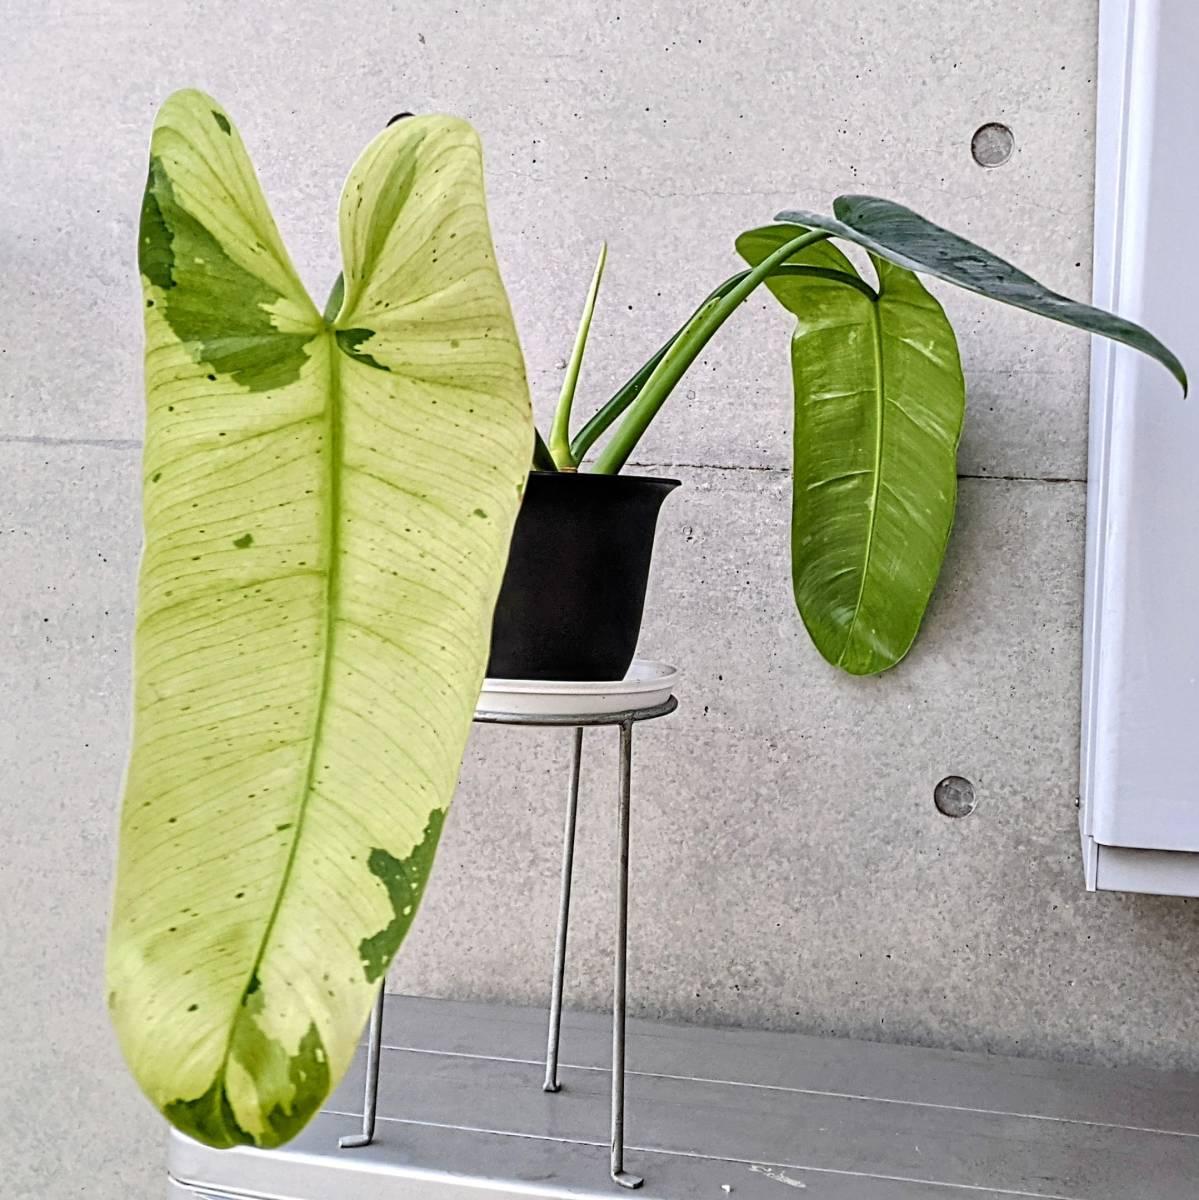 大形になるフィロデンドロン・インベの斑入り Philodendron imbe 'Variegata' レア 観葉植物